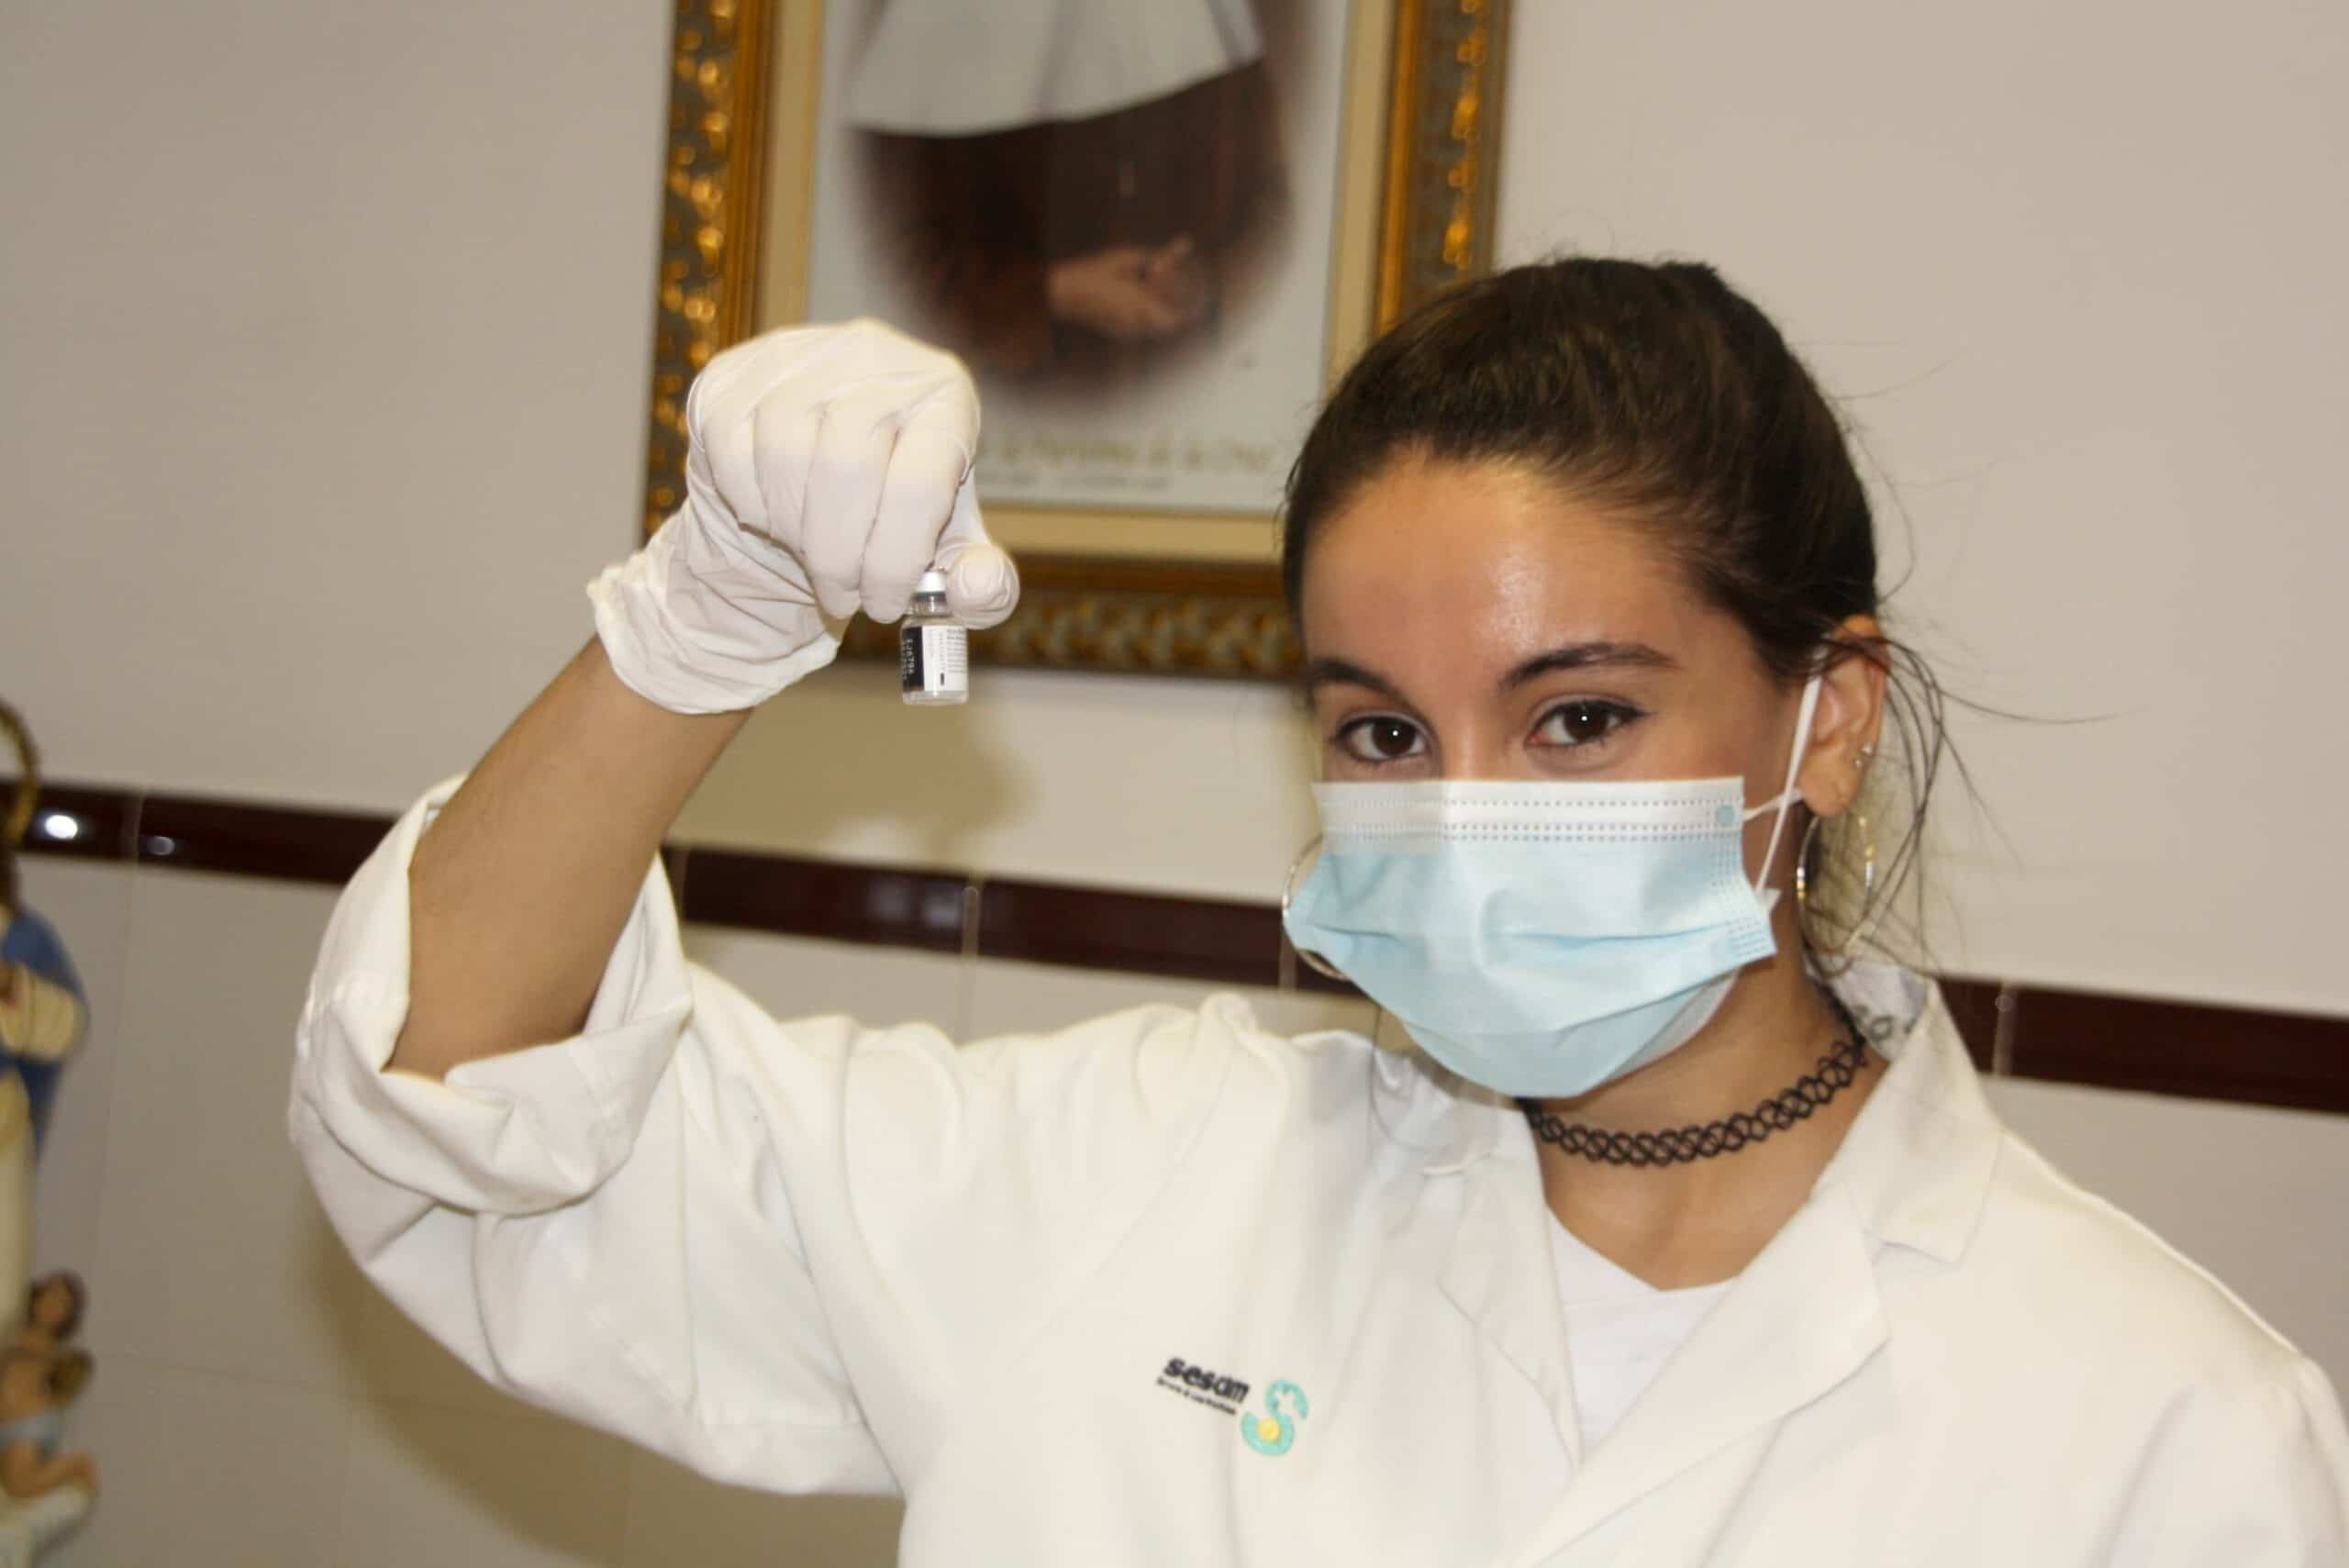 Alcázar de San Juan comienza a vacunar contra el covid-19, pronto llegará a Herencia 3